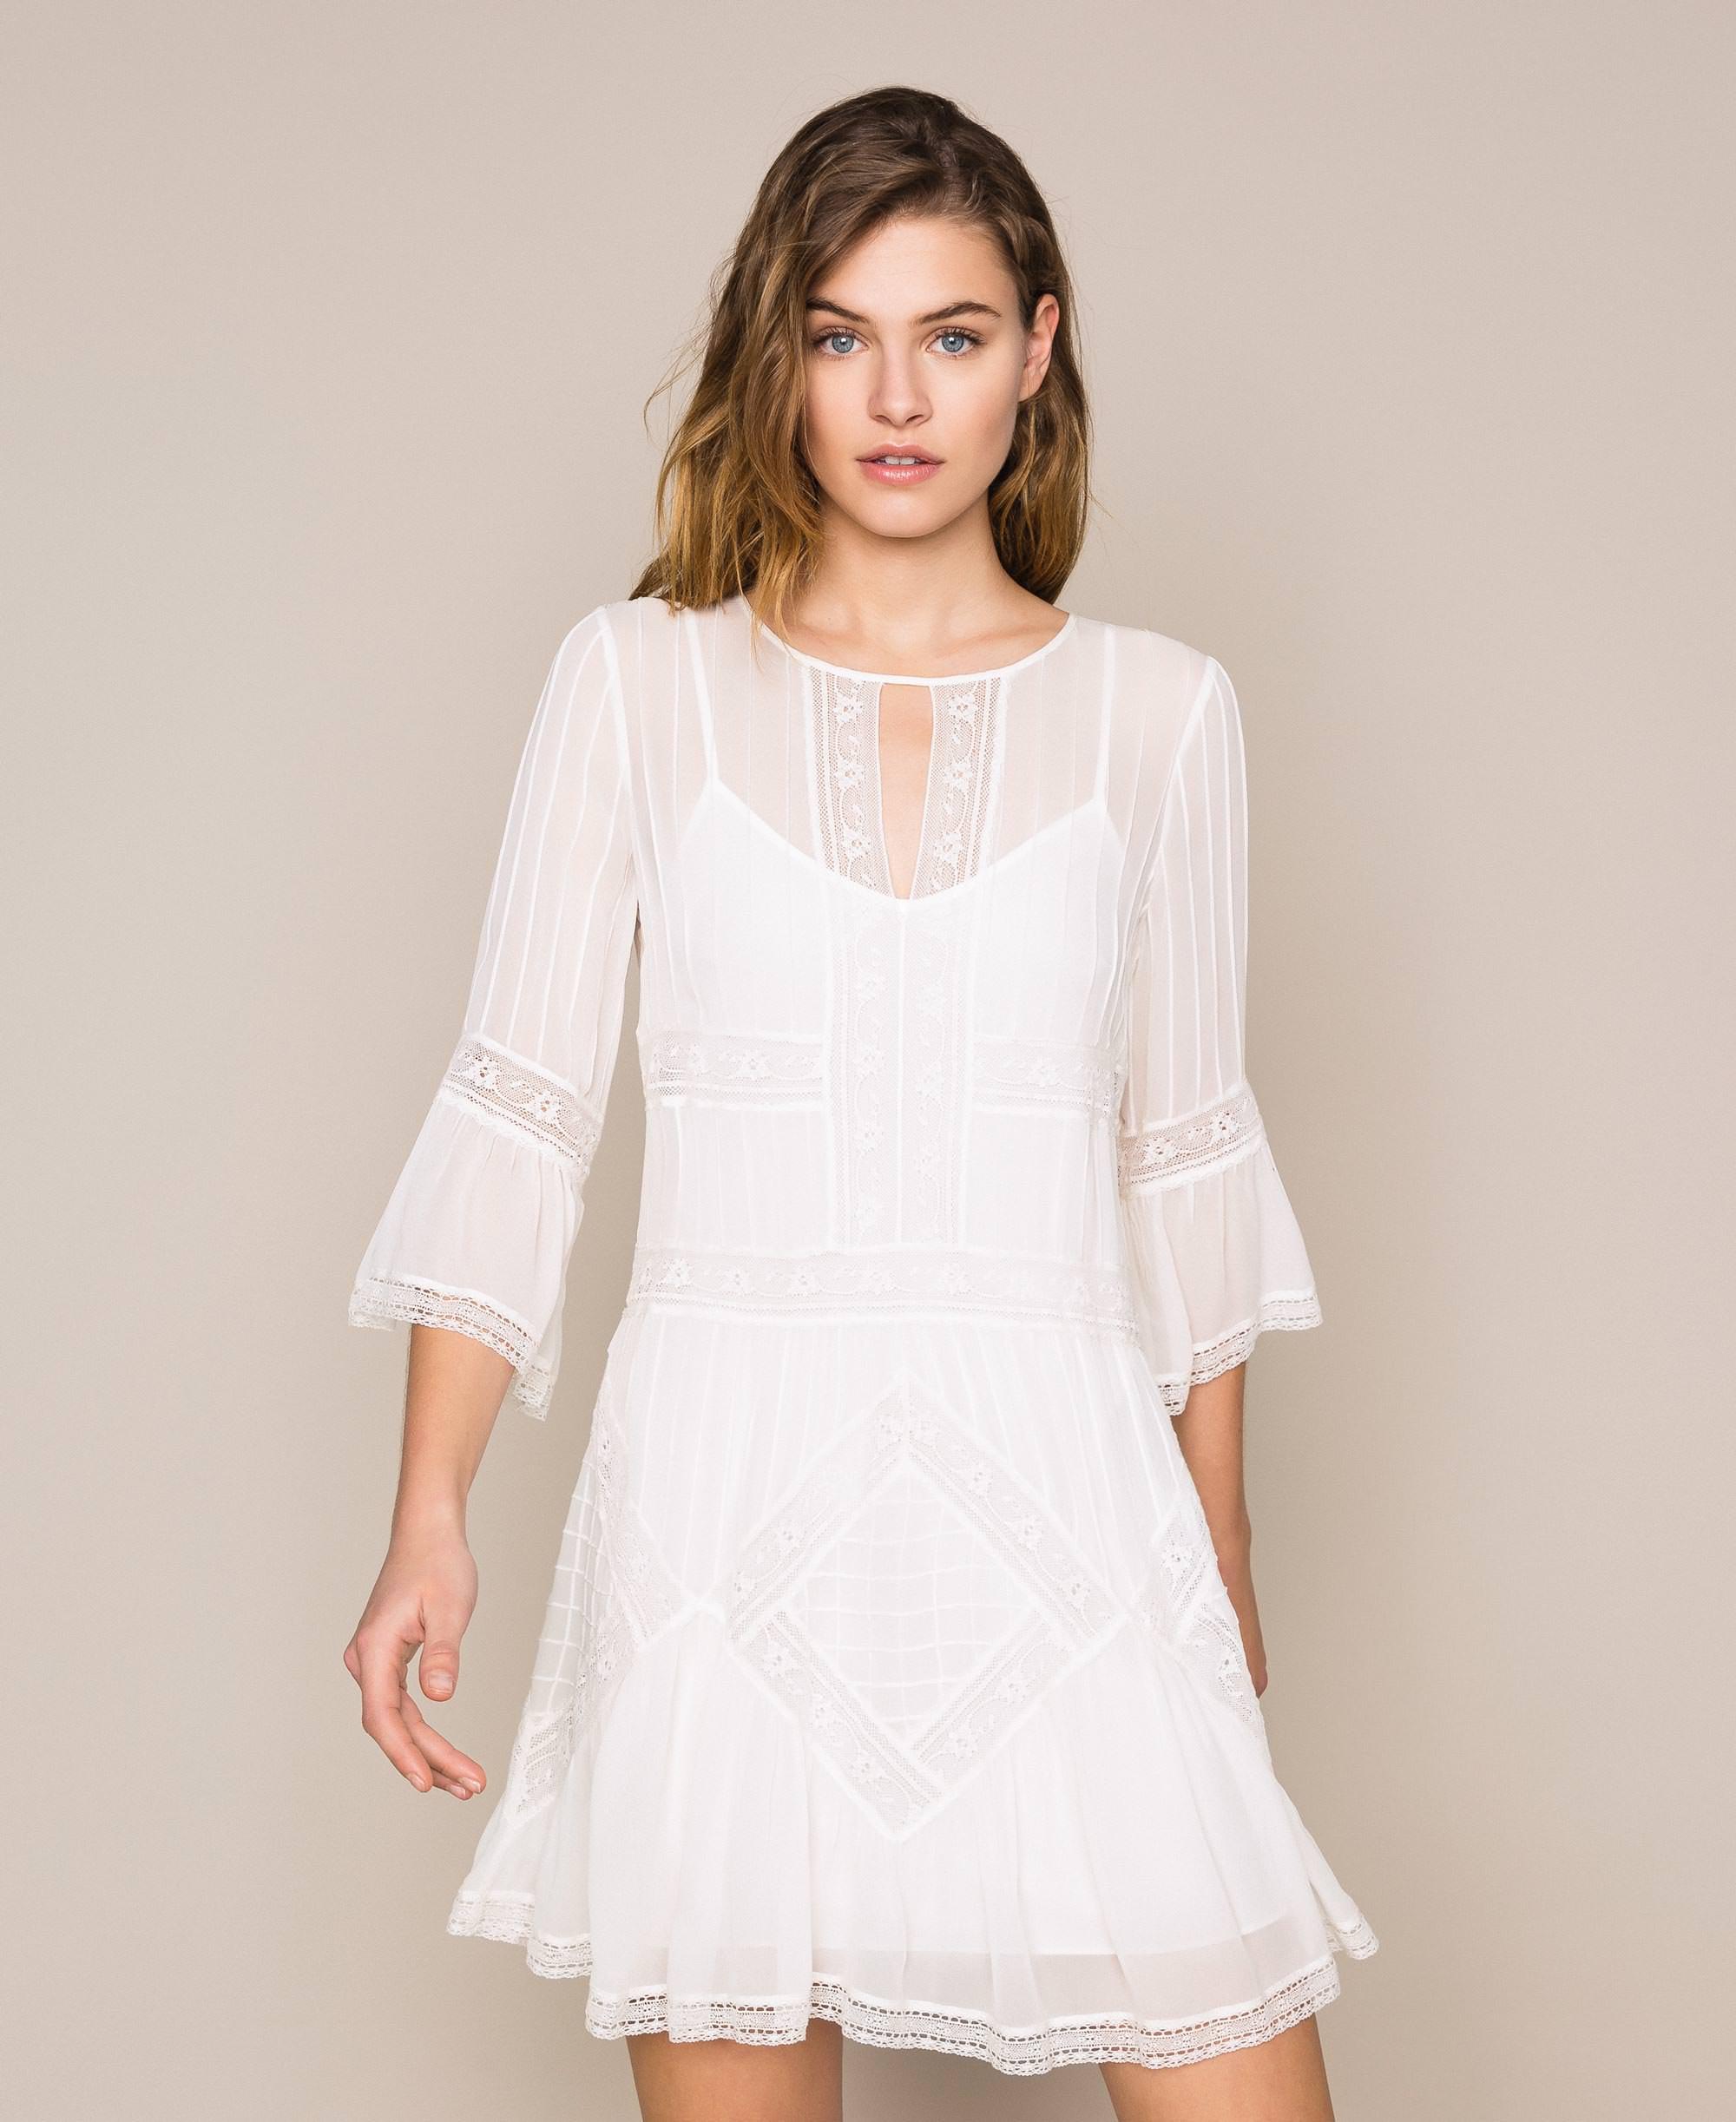 Kleid aus Georgette mit Stickereien und Spitze Frau, Weiß